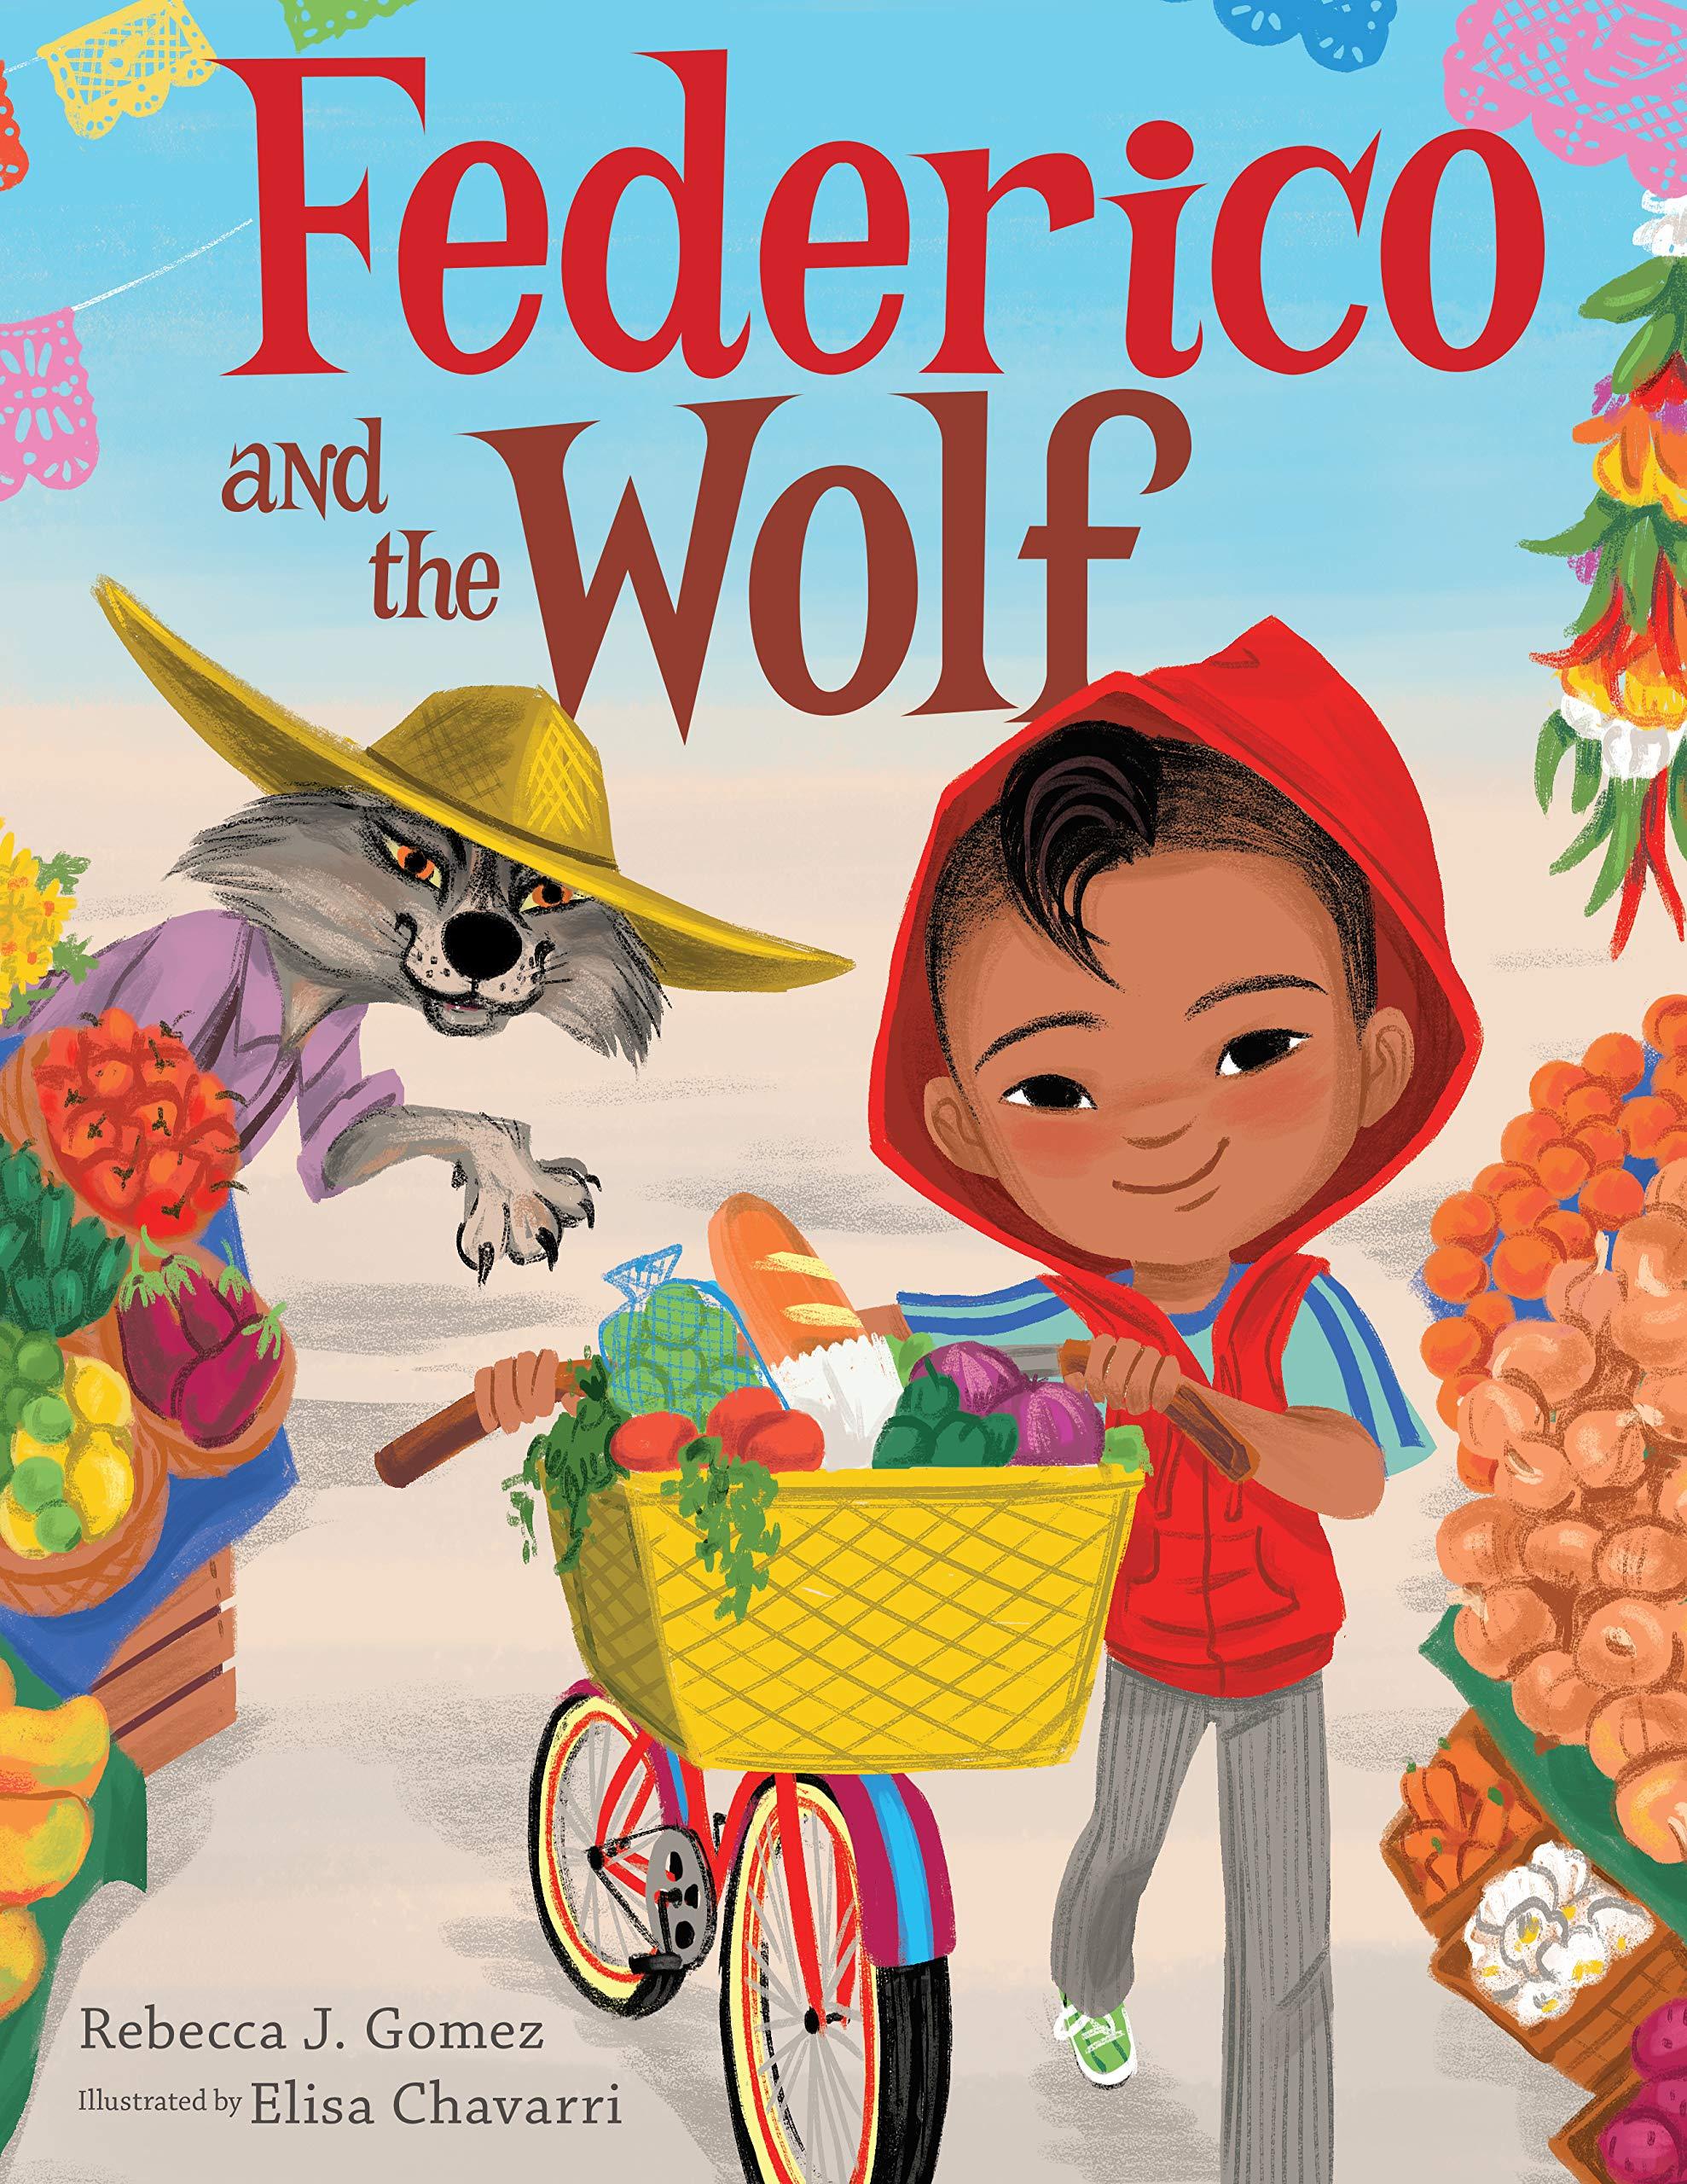 Amazon.com: Federico and the Wolf (9781328567789): Gomez, Rebecca ...